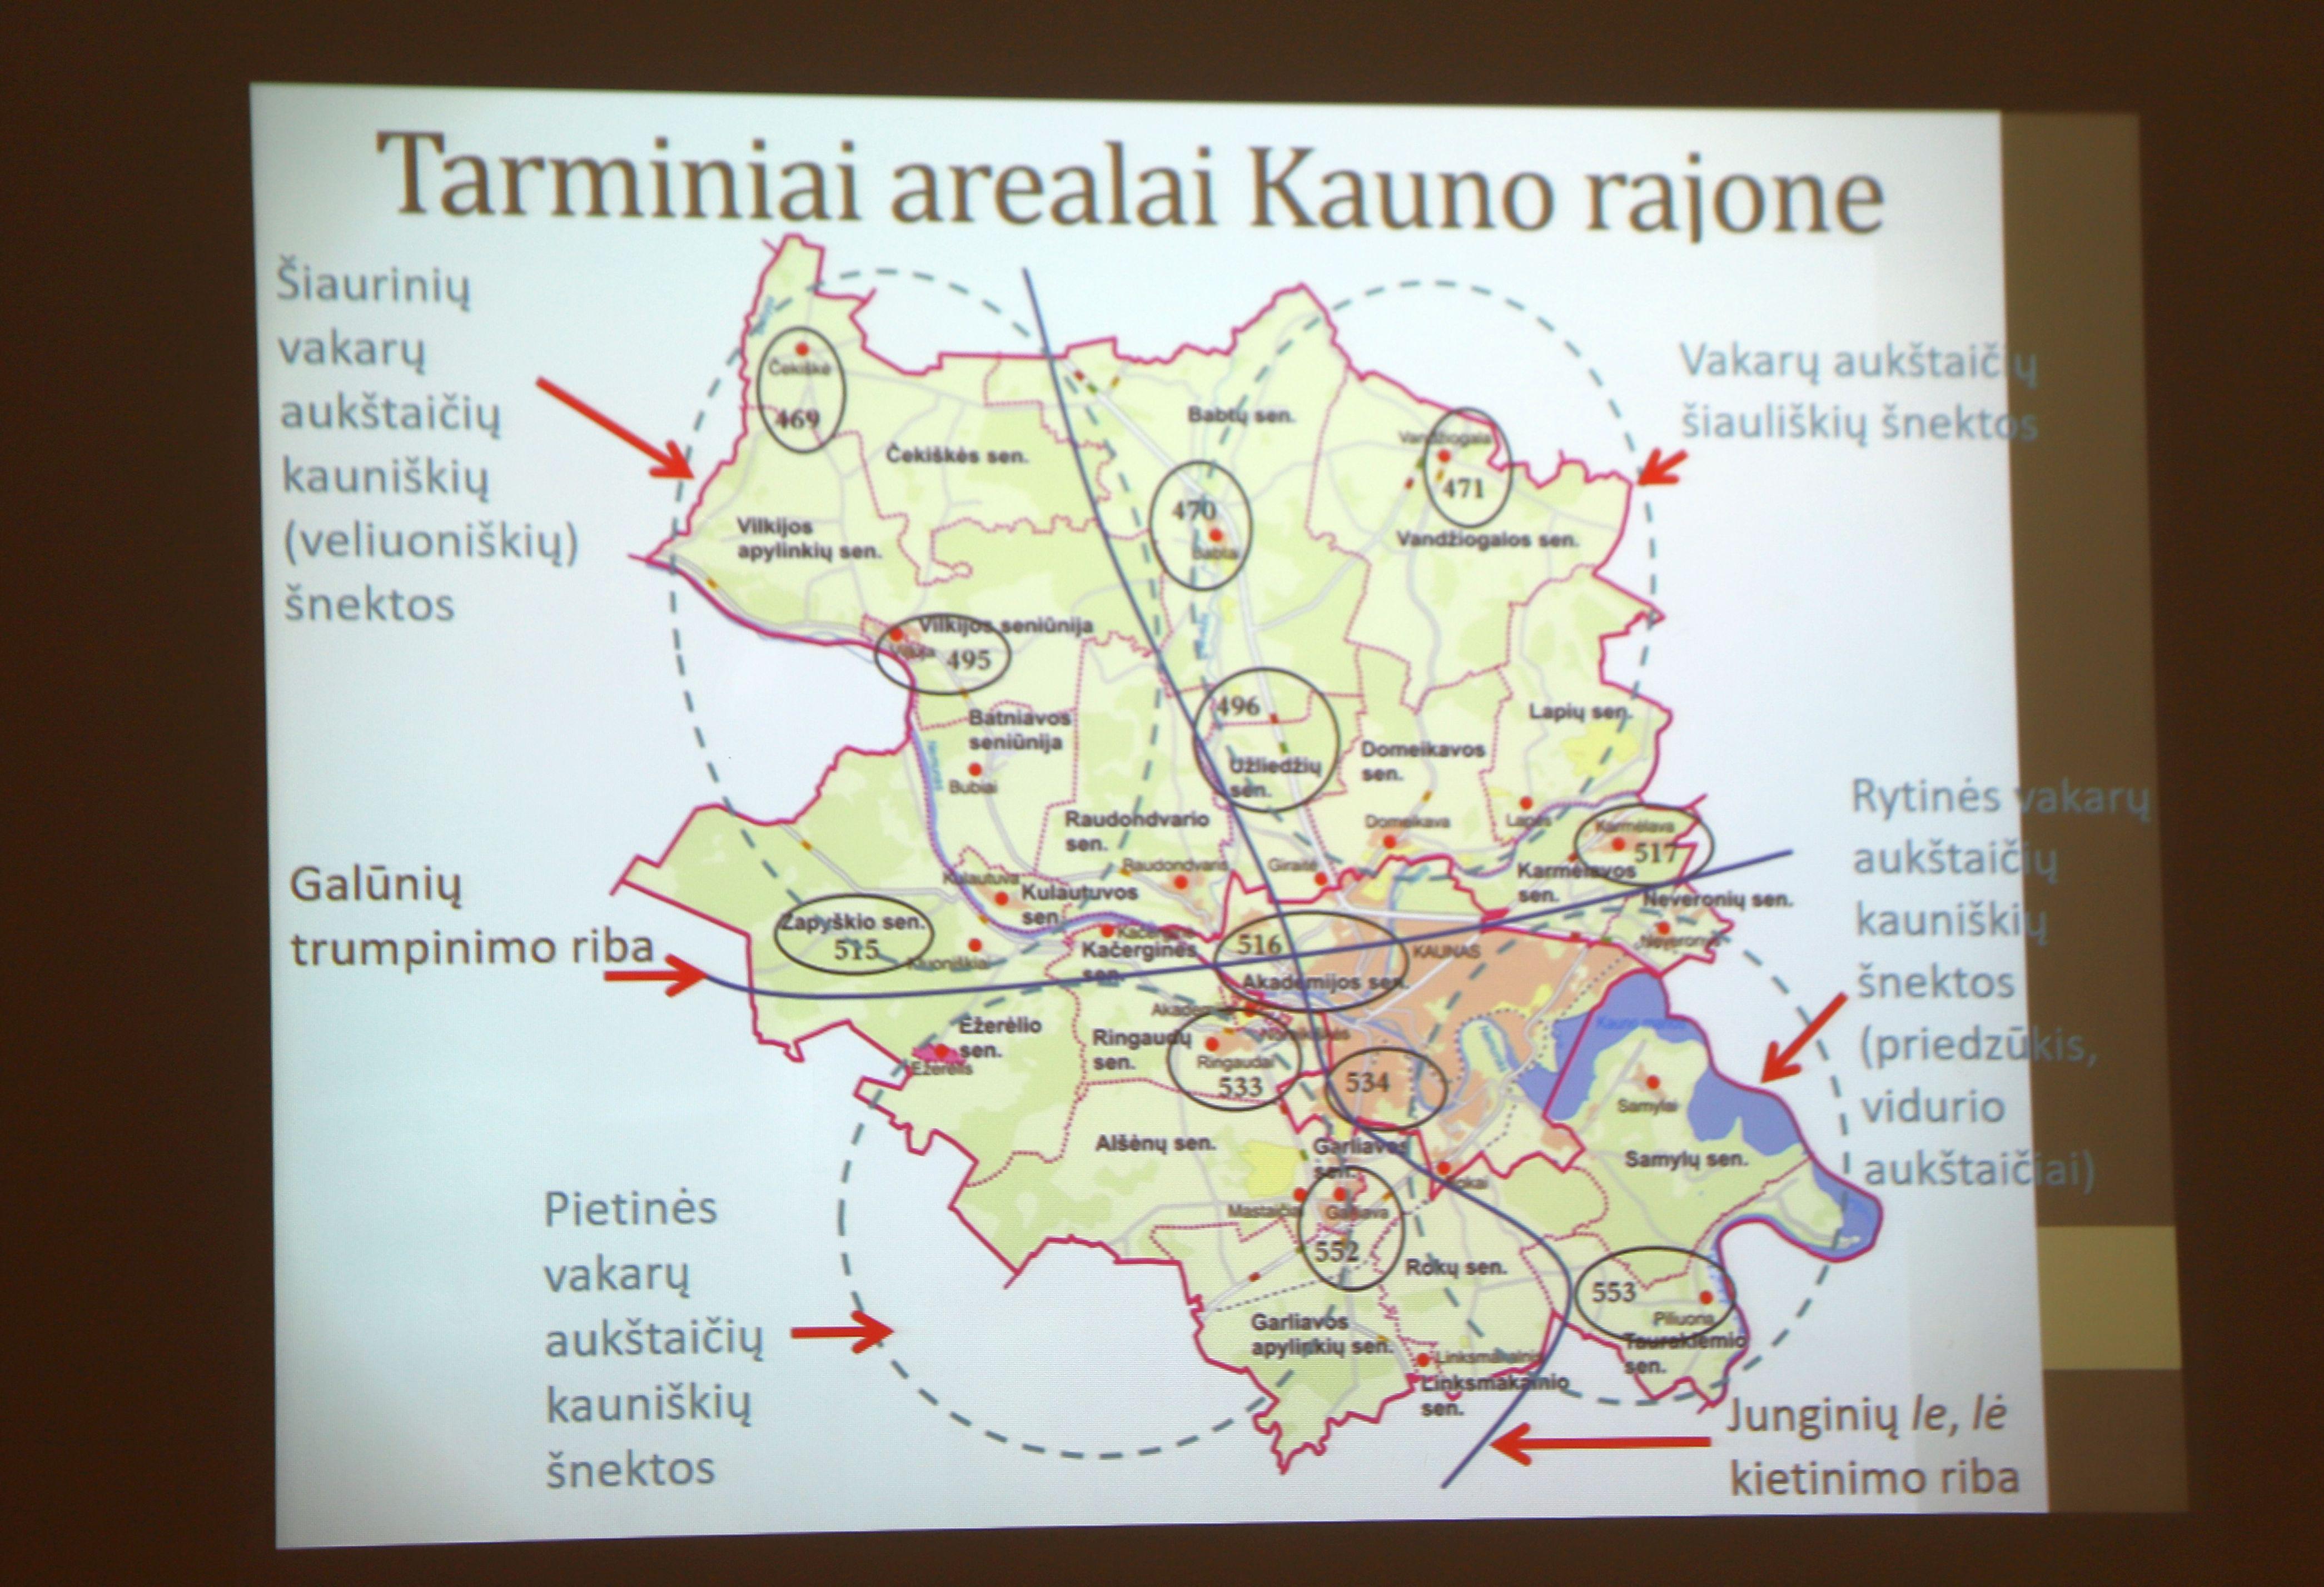 Mokslinė studija atskleidžia tarmių grožį ir jų kitimą | Kauno rajono savivaldybės nuotr.